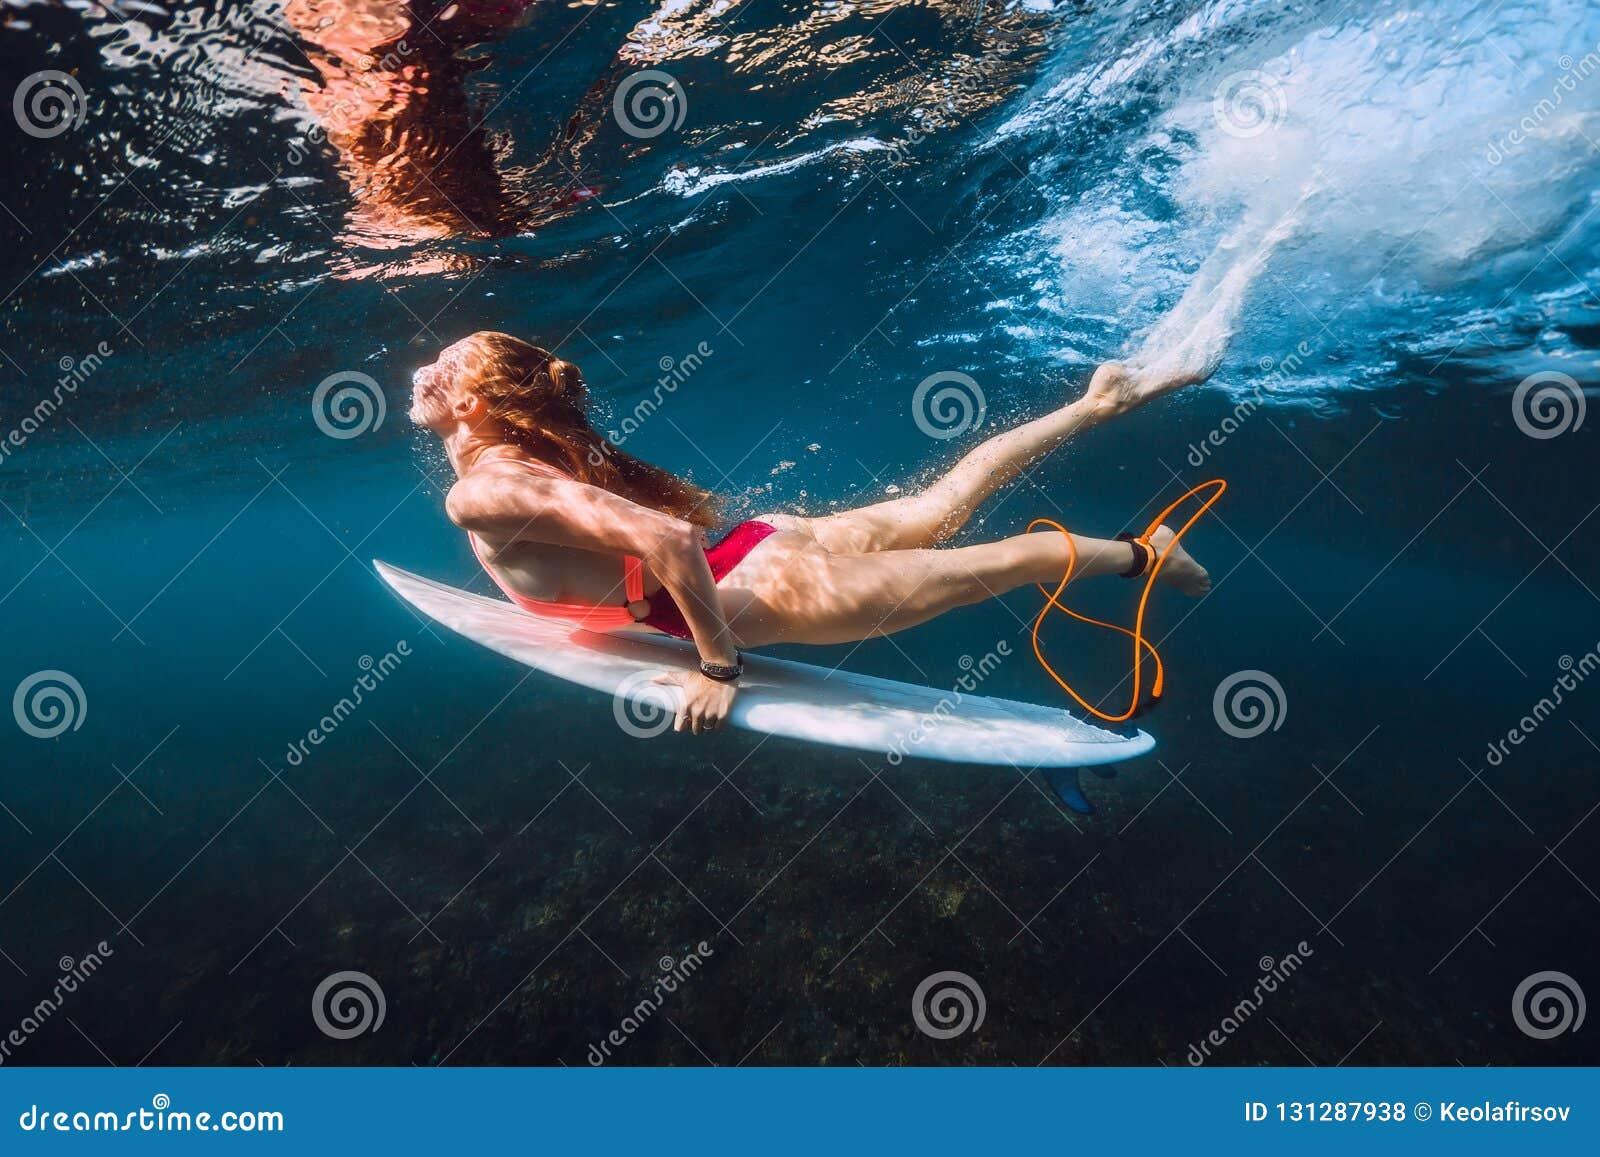 Surfista com mergulho da placa de ressaca debaixo d água com a onda de oceano grande inferior